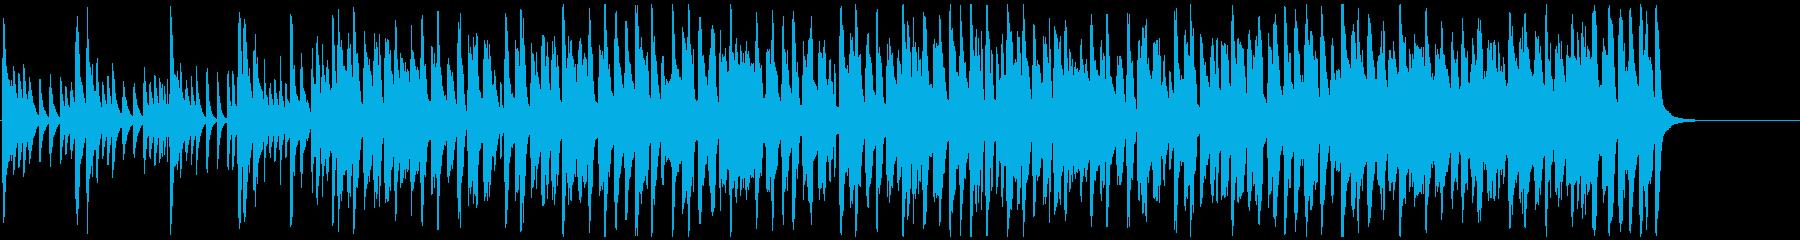 源さんっぽいHappyなポップス【逃恥】の再生済みの波形